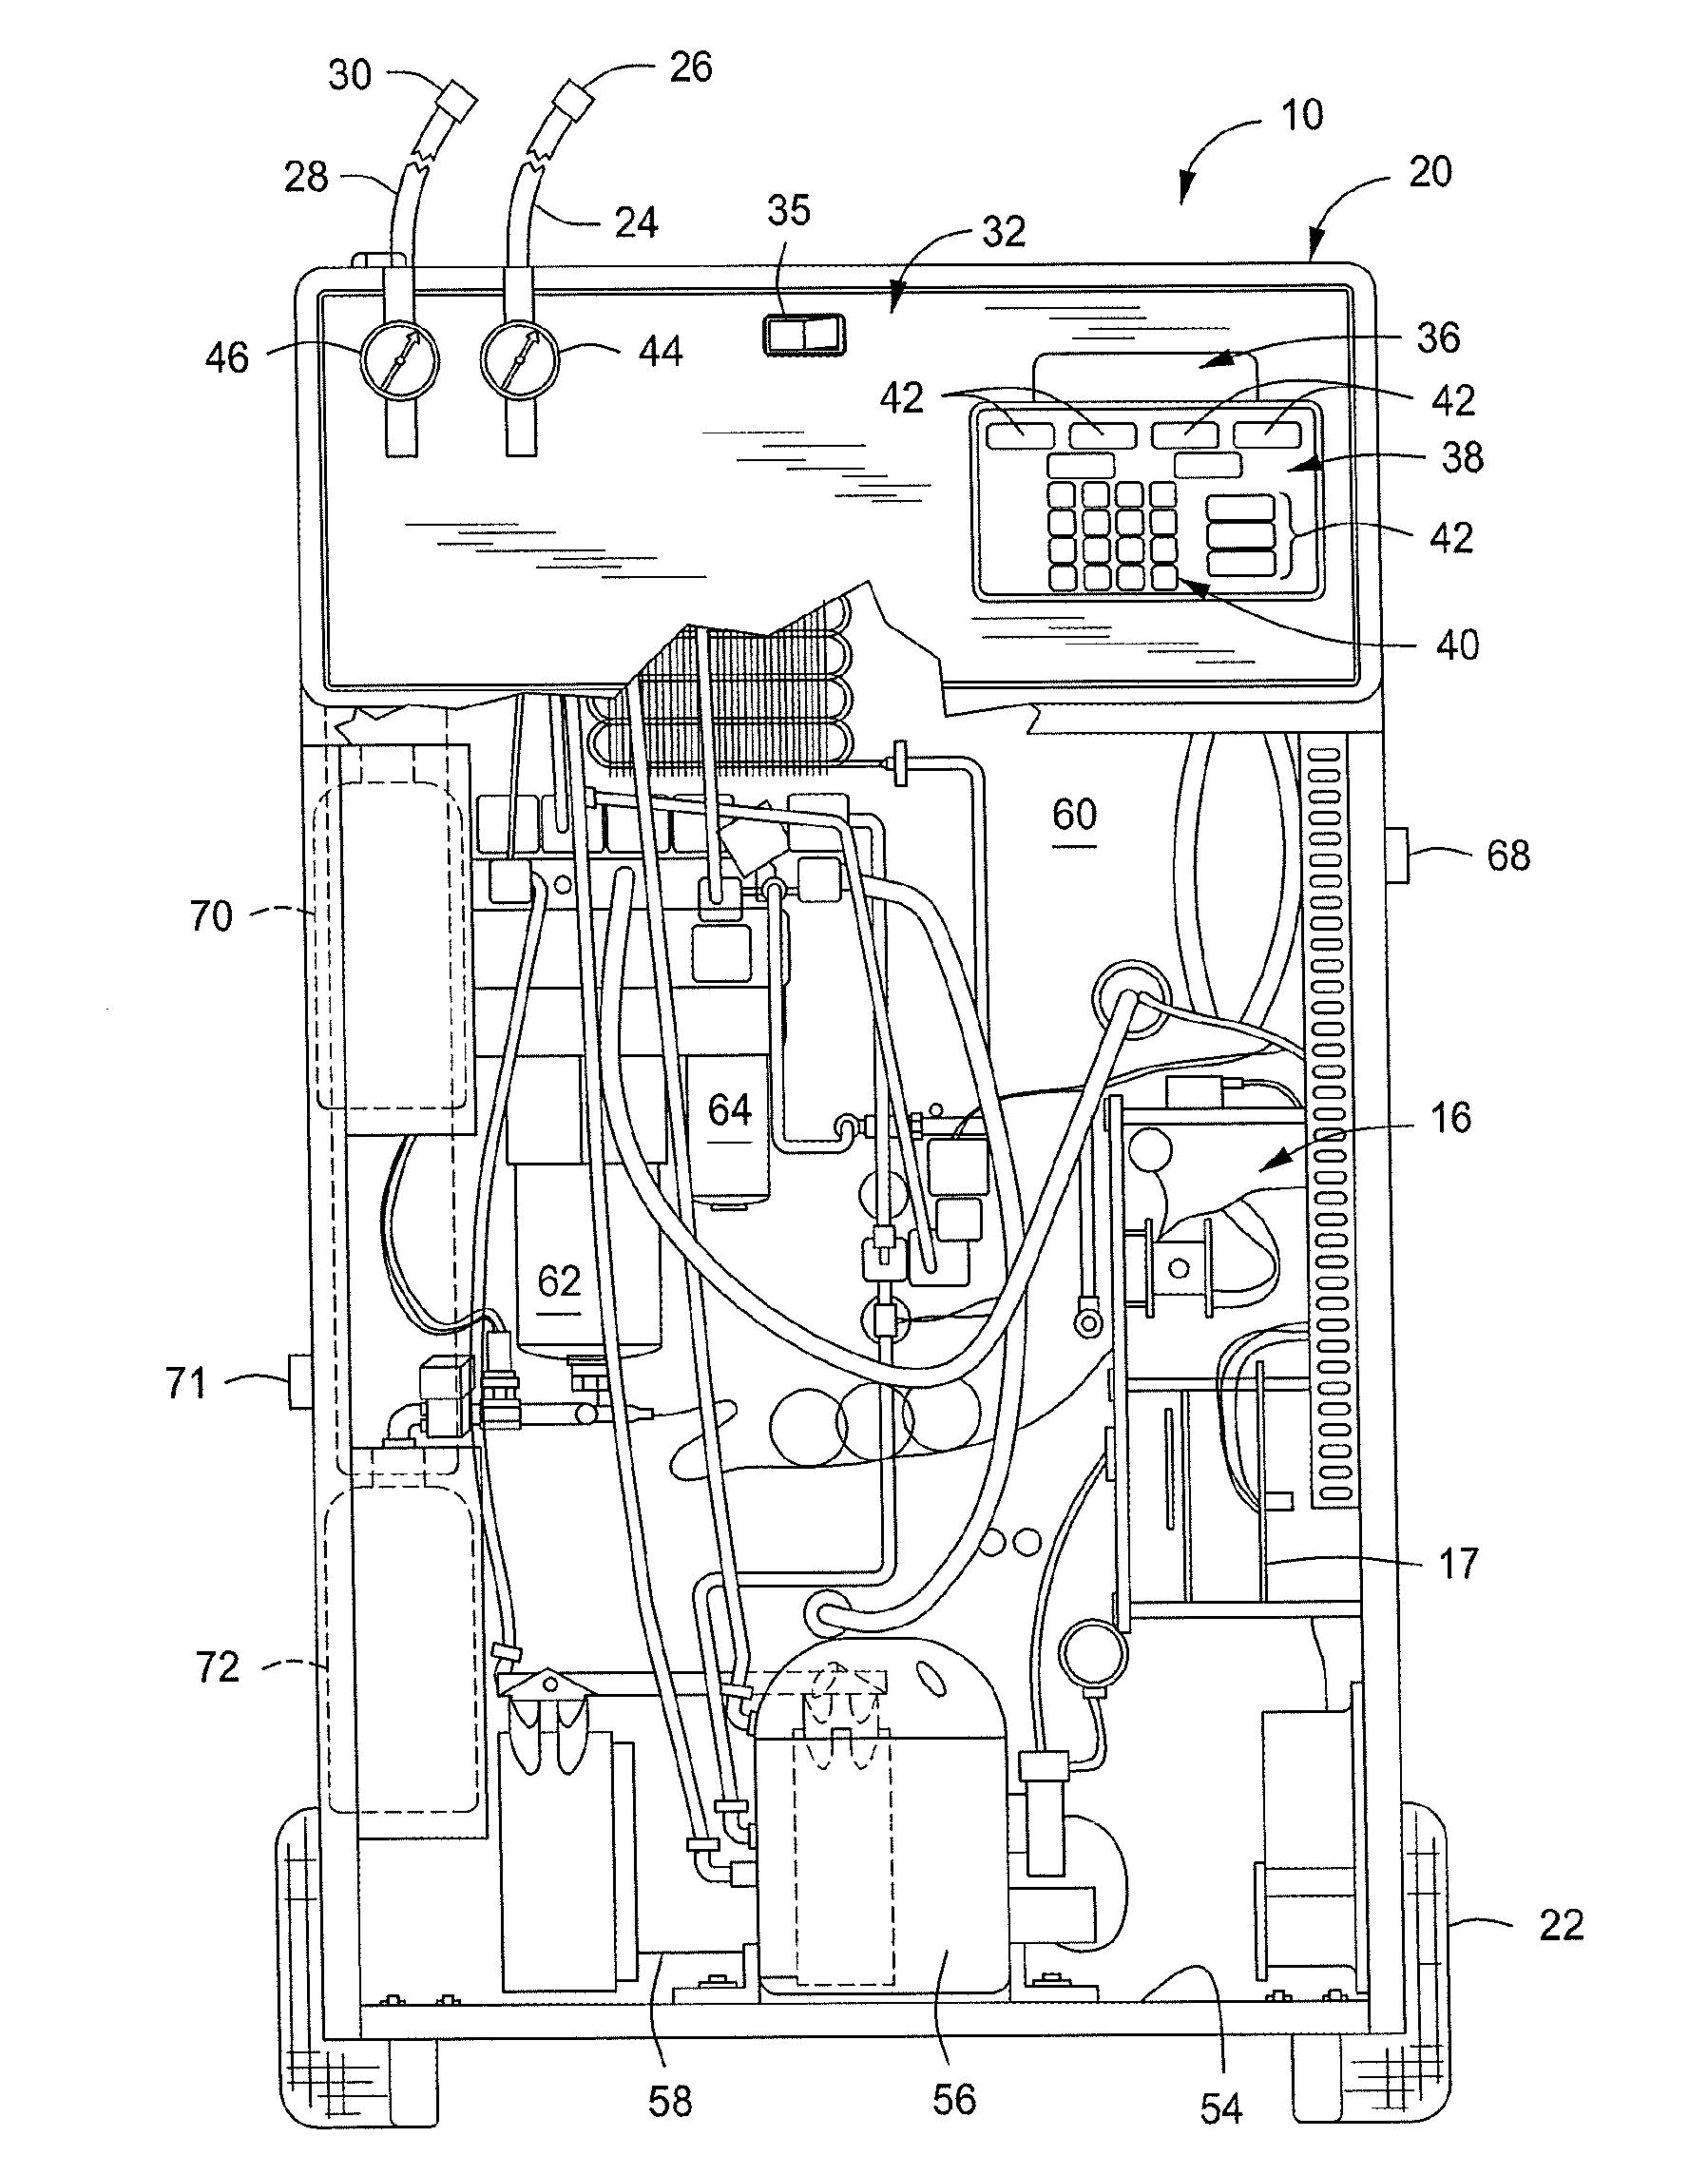 US20120291457A1 20121122 D00000 robinair 34788 wiring diagram robinair wiring diagrams collection robinair 34788 wiring diagram at aneh.co